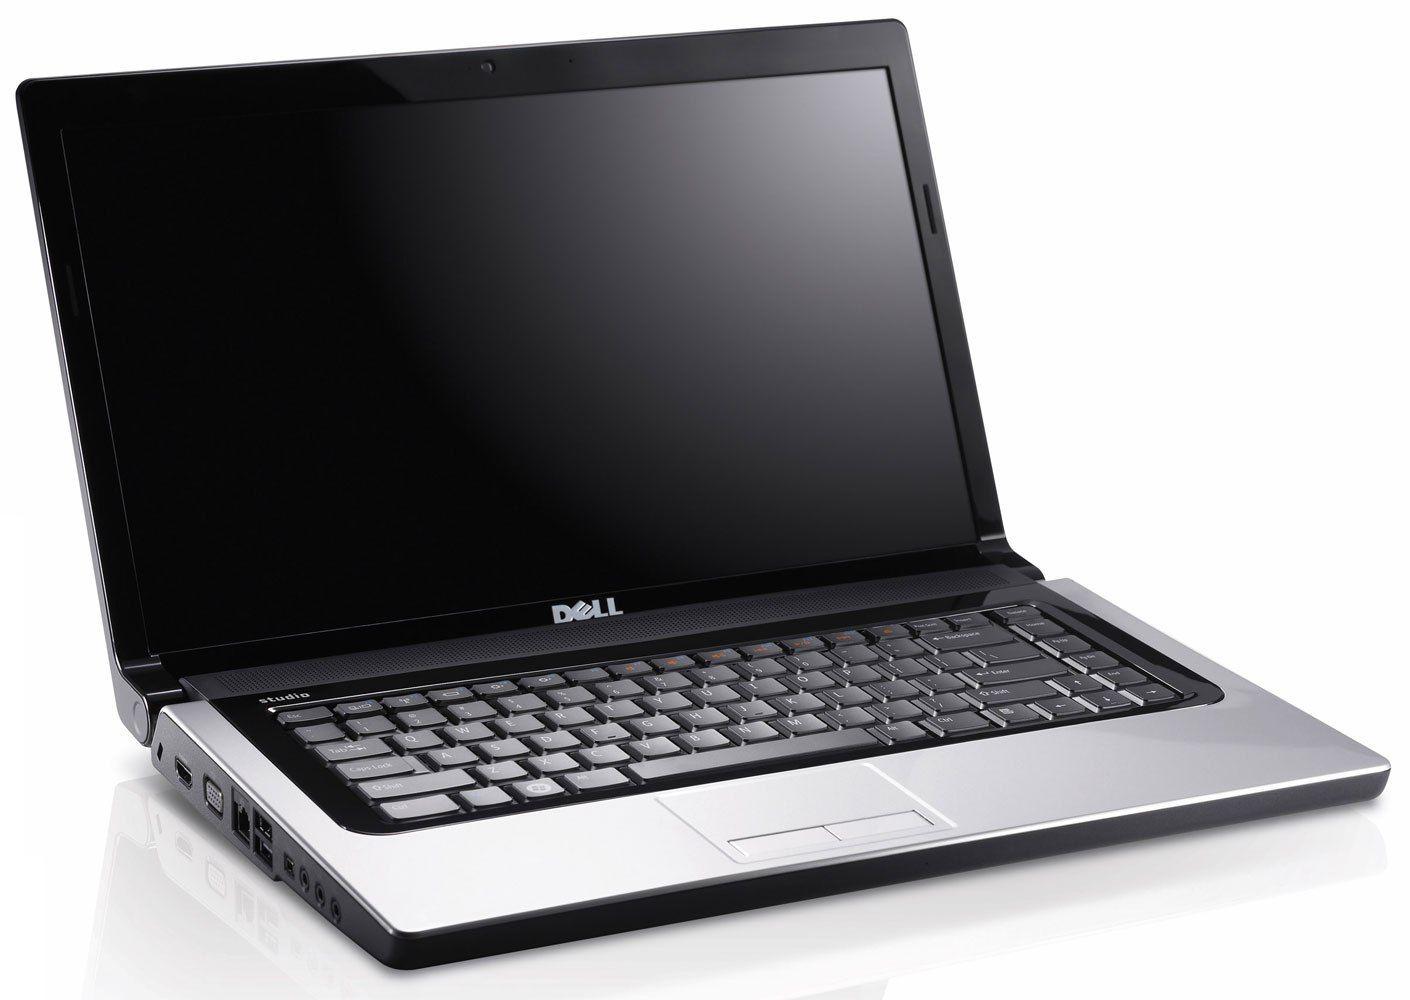 قیمت لپ تاپ صبا رایانه